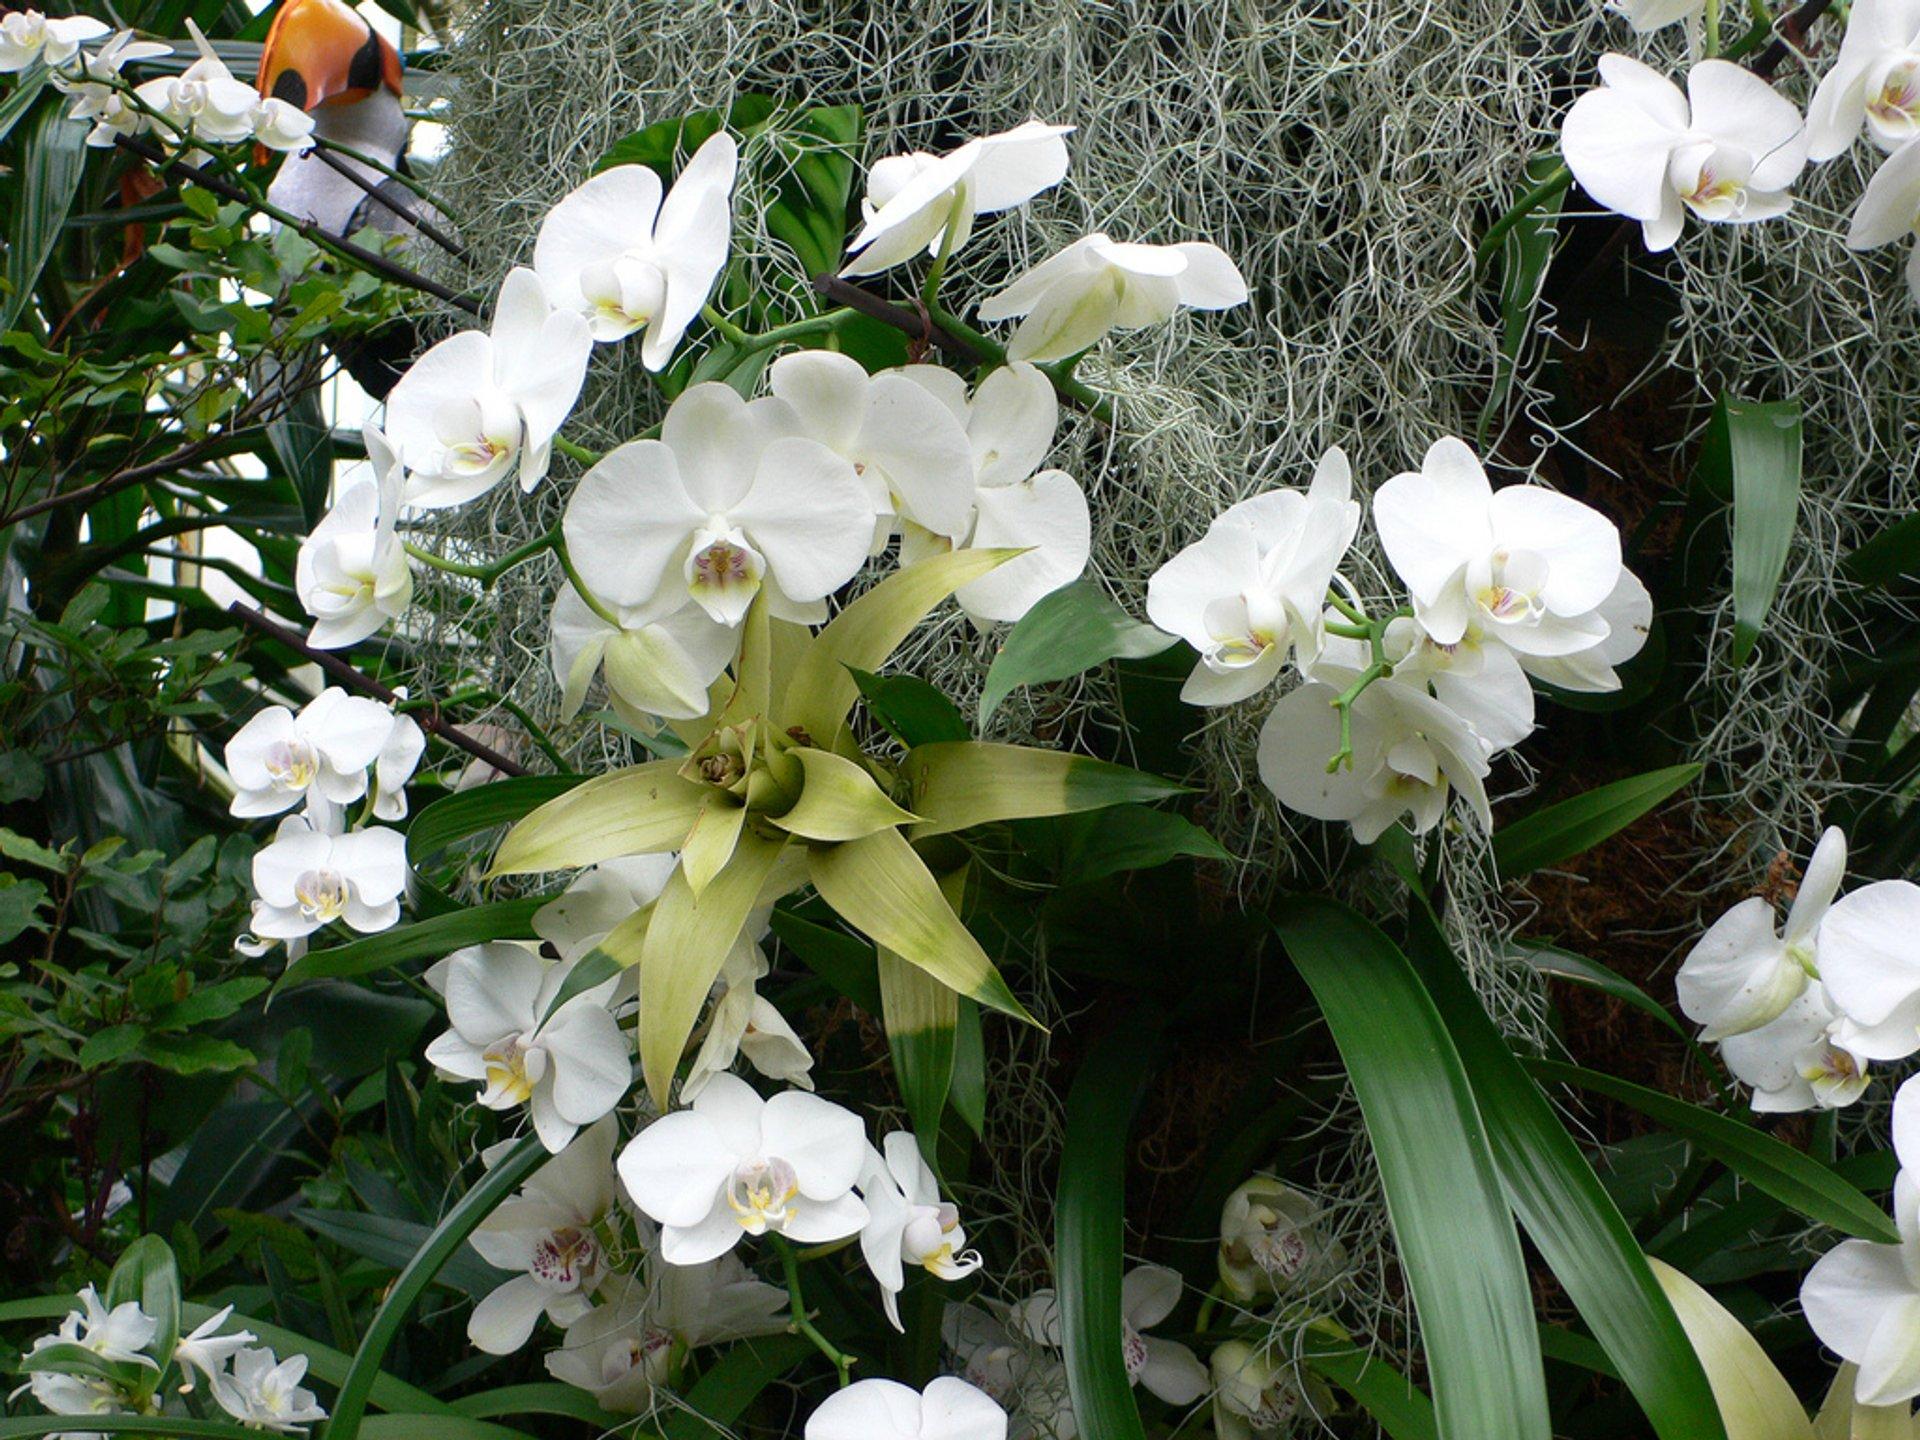 Orchids Festival at Kew Gardens in London - Best Season 2020